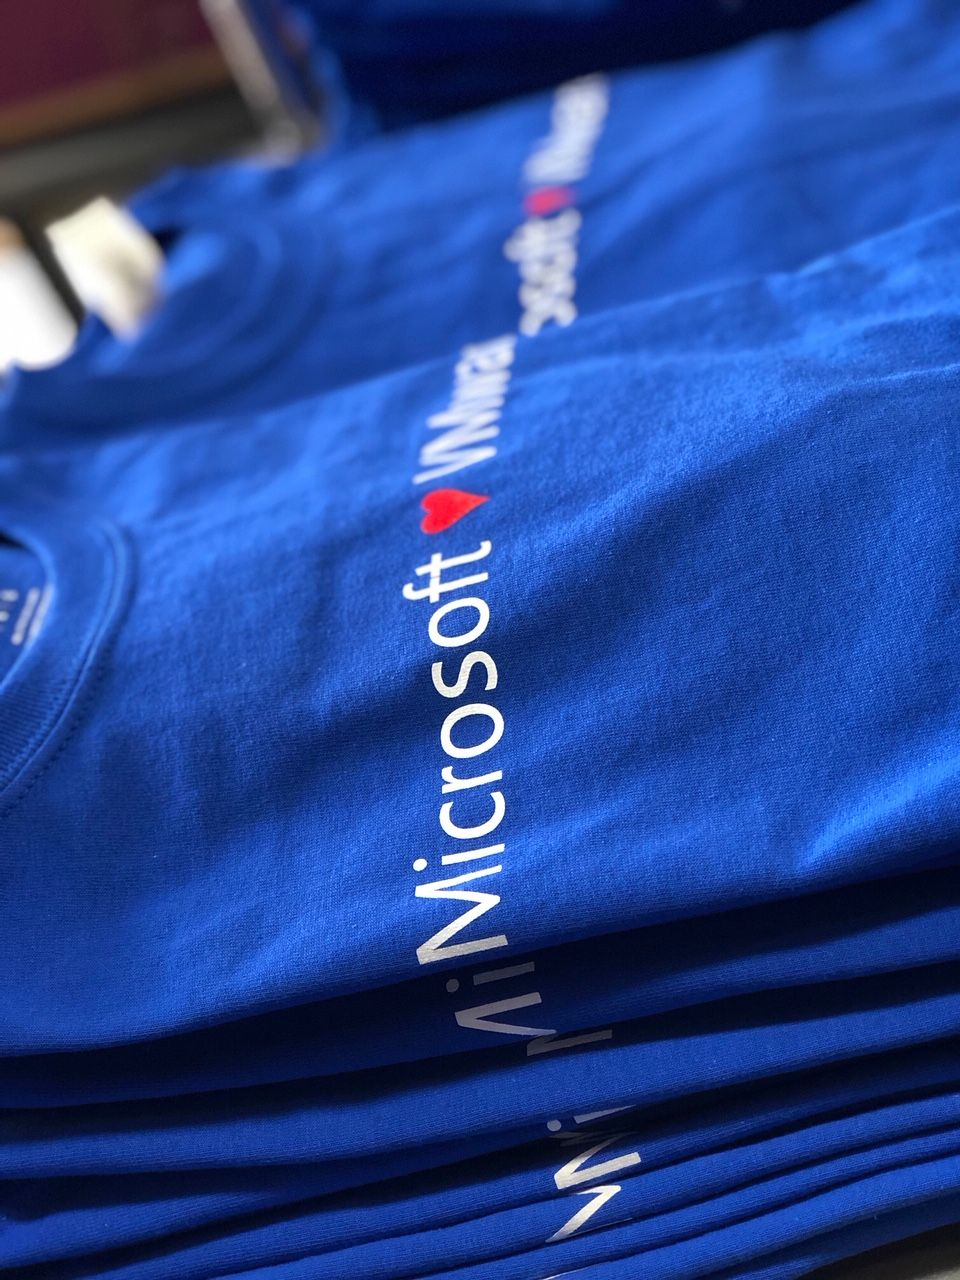 Microsoft tshirts screen printing clothing logo